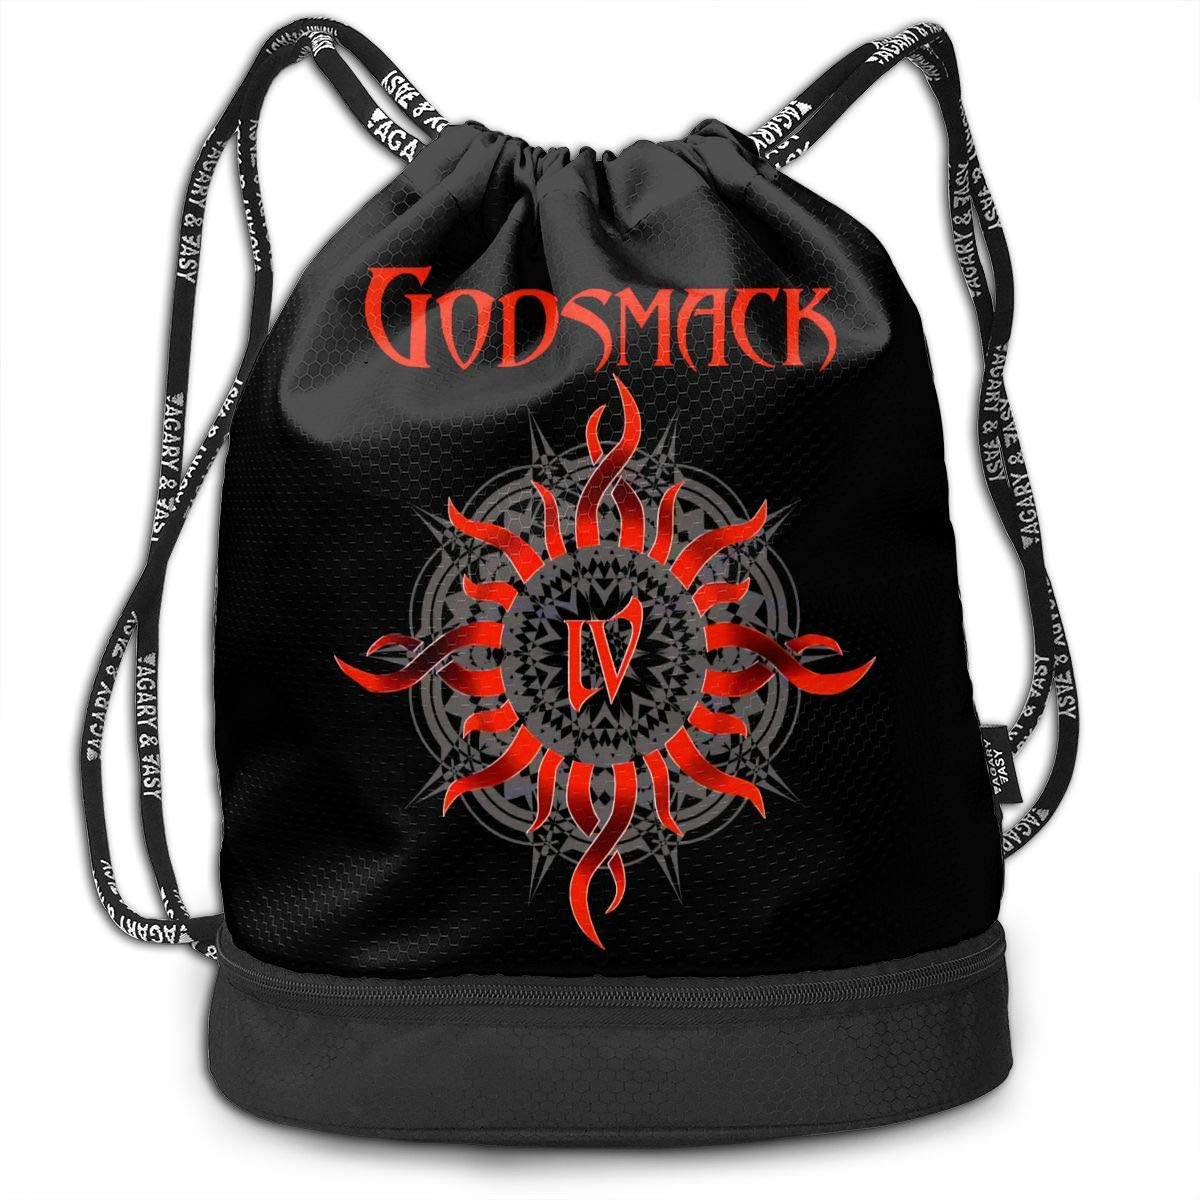 Godsmack Drawstring Bag Gym Lightweight Bundle Backpack For Men Women Kids School Gym Travel